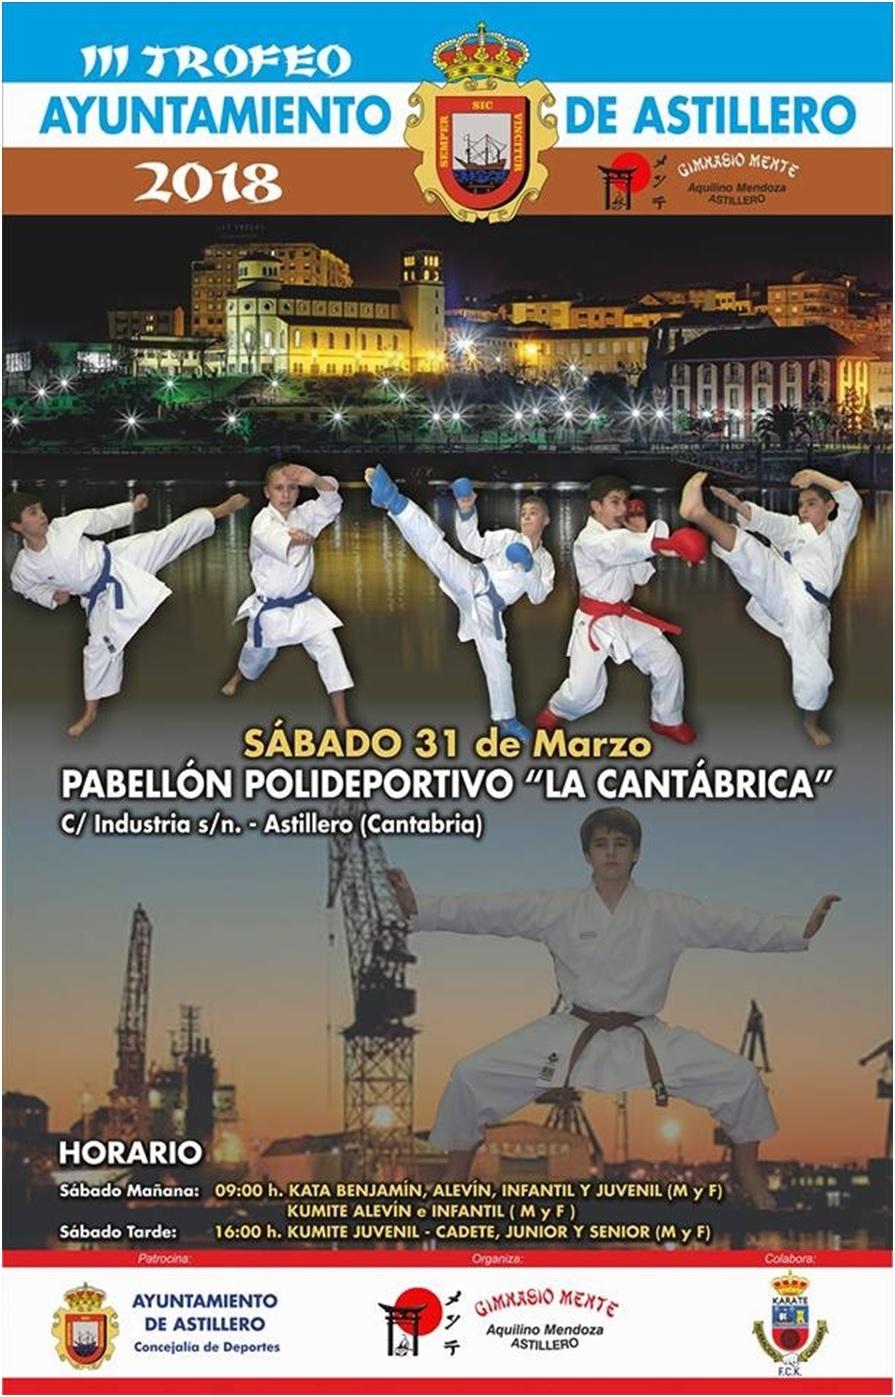 Más de 300 karatecas participaron en el III Trofeo de Kárate de Astillero